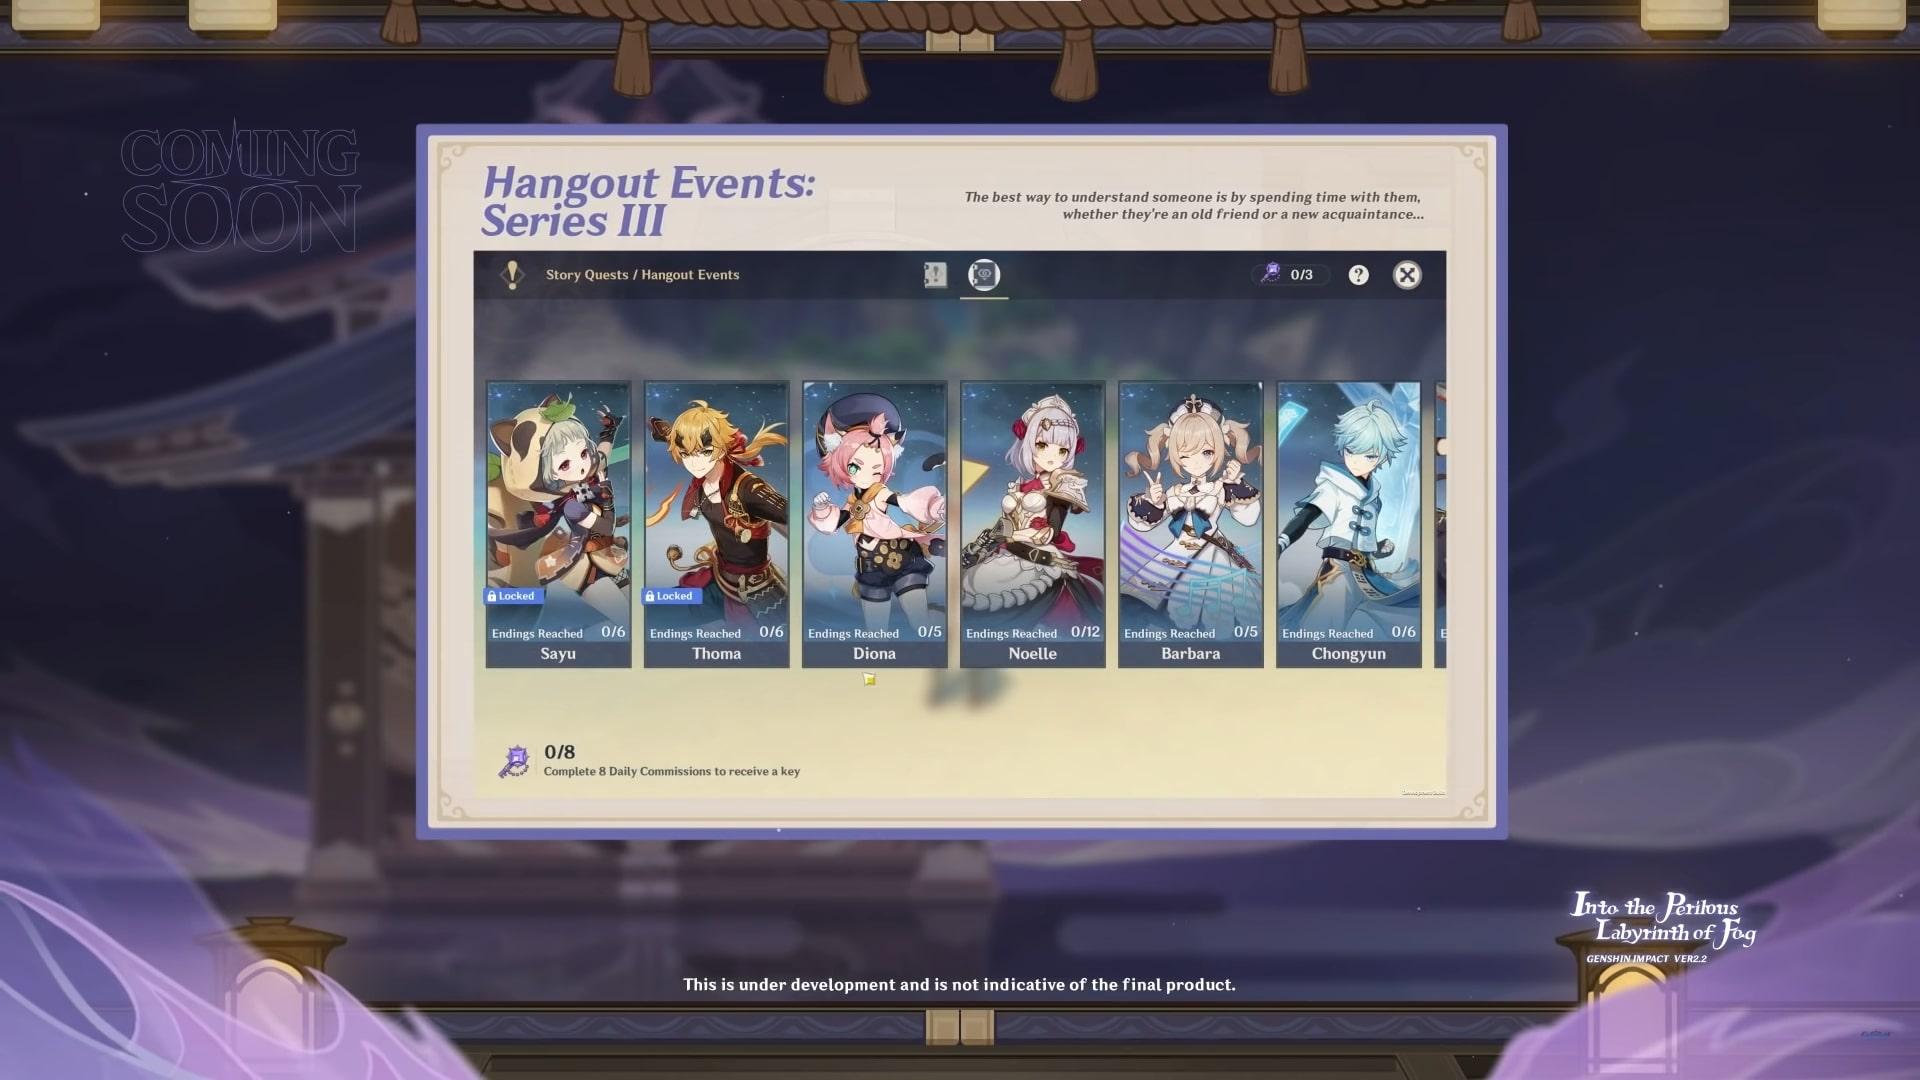 Genshin Impact 2.2 Hangout Events